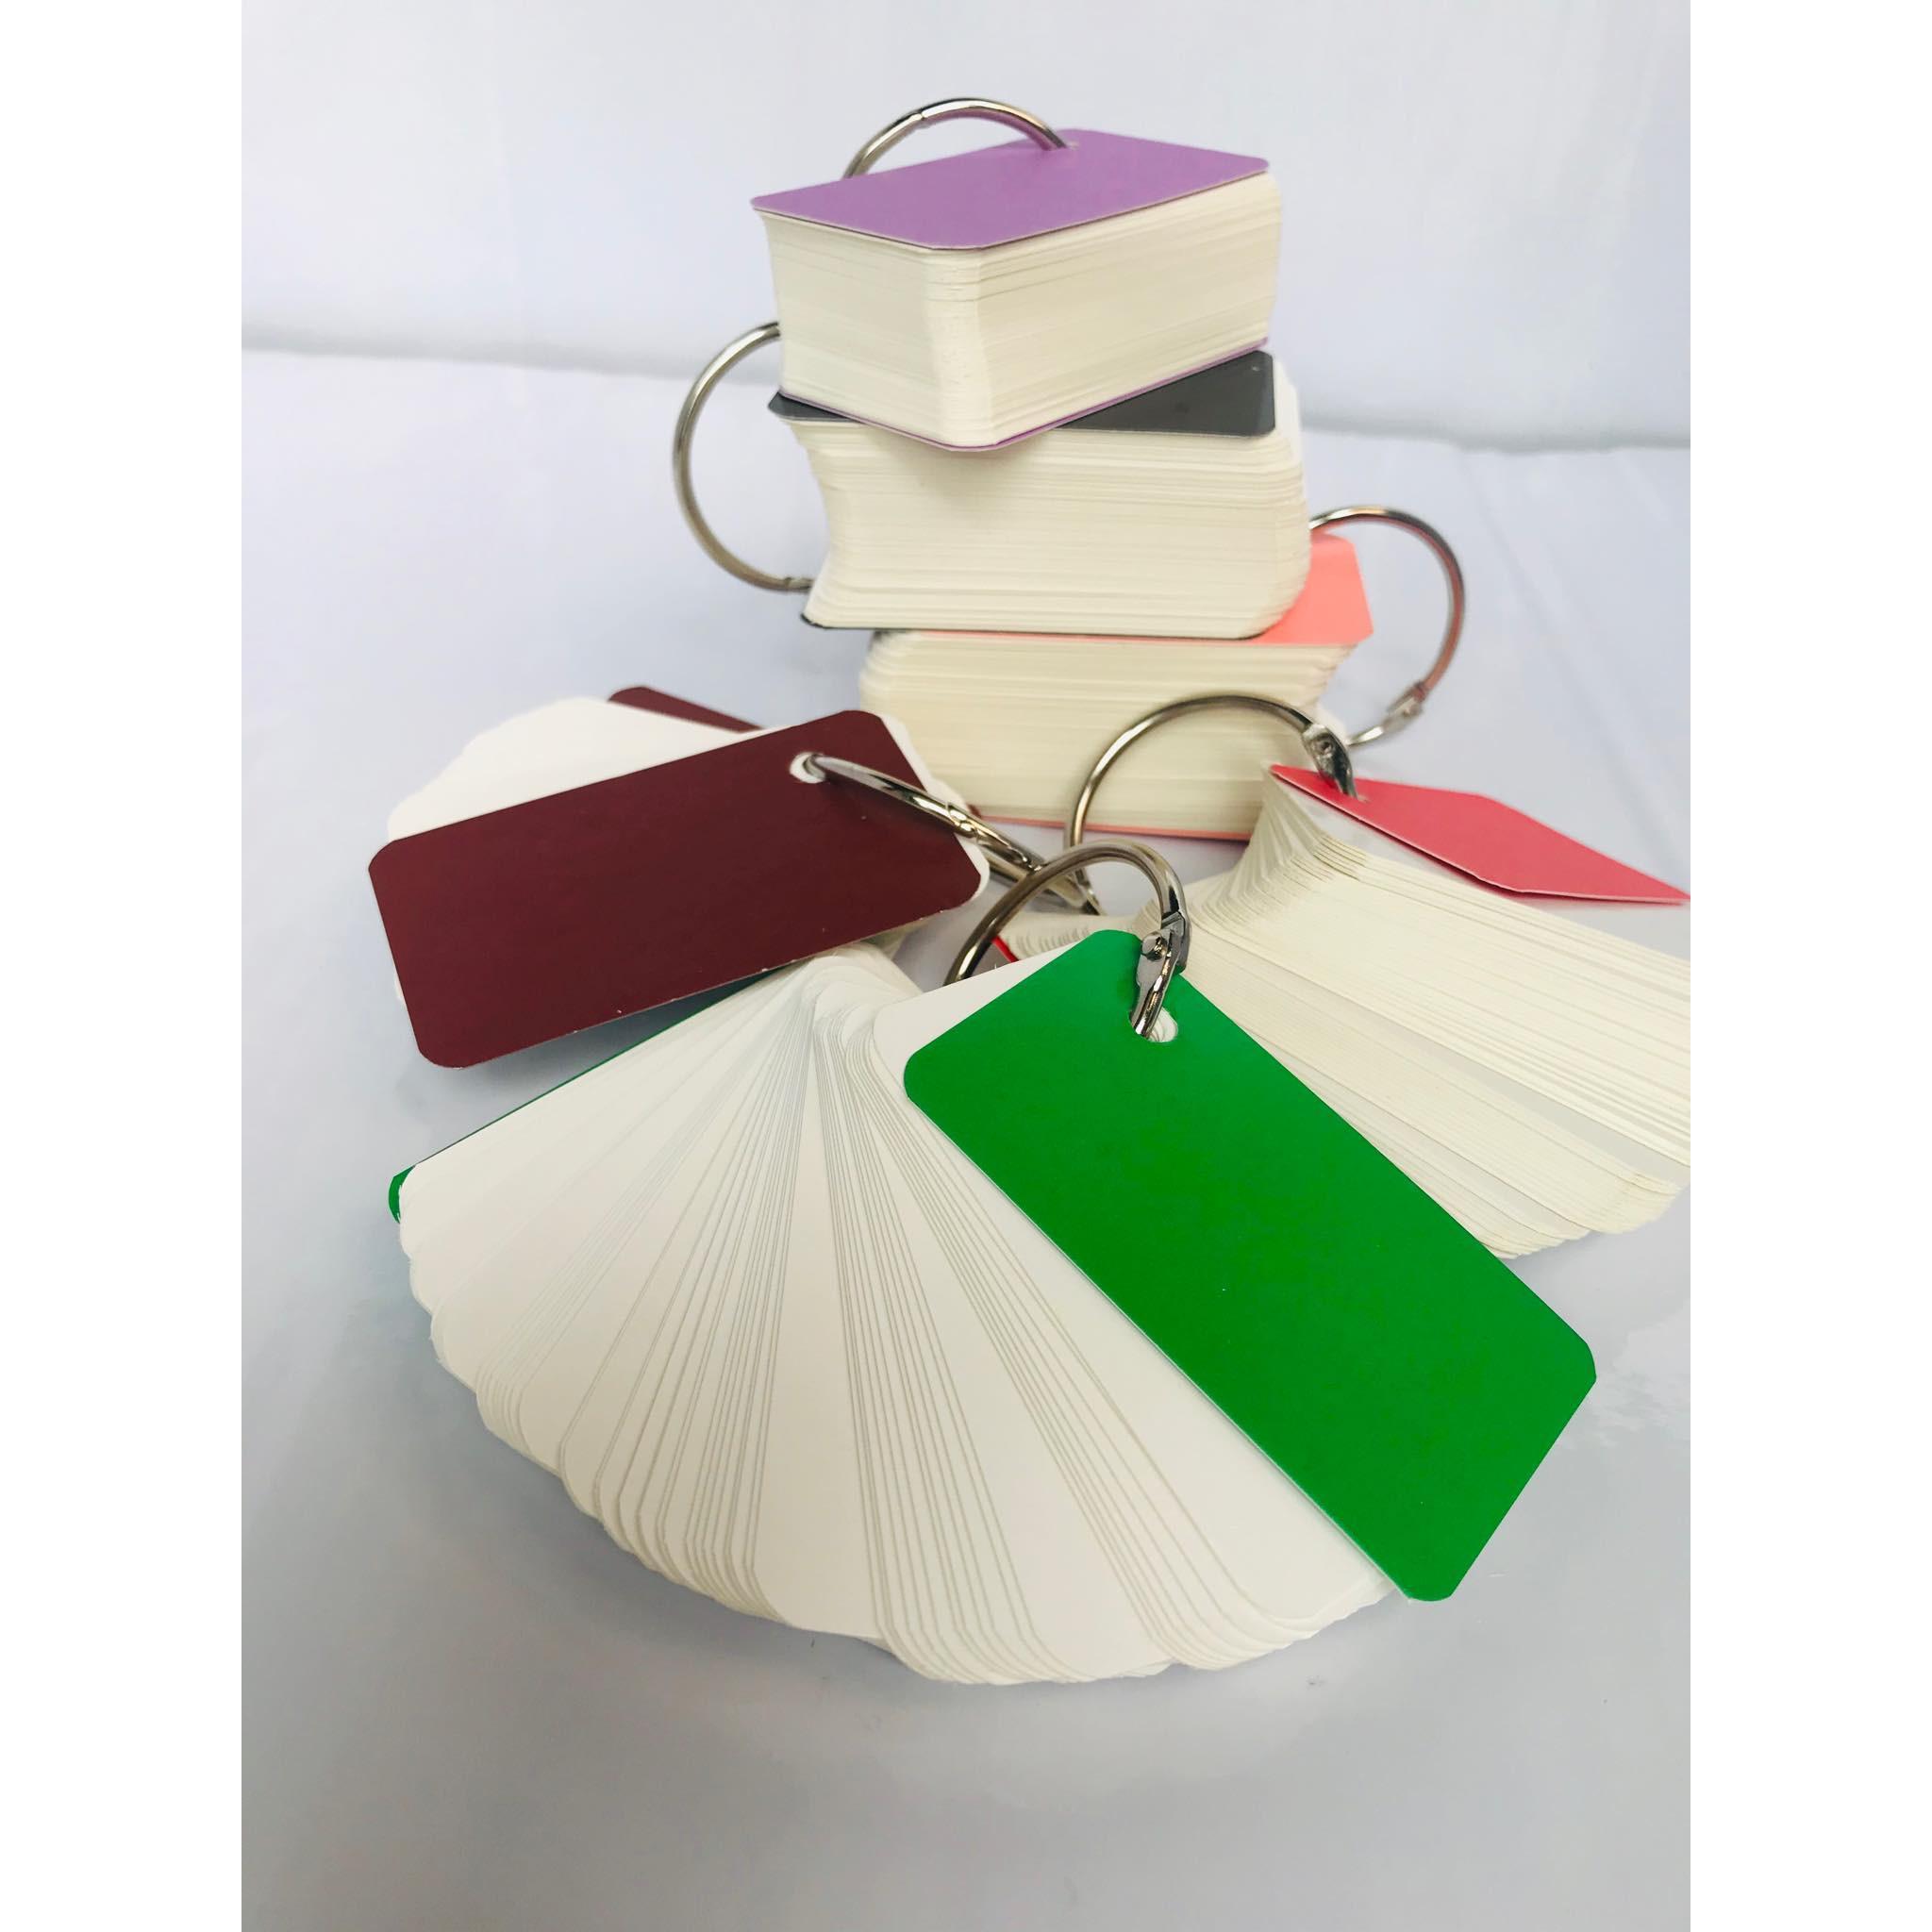 combo 10 bộ flashcard trắng 4X7cm ivory cao cấp định lượng 350gsm Bộ Thẻ Ghi Nhớ 100 thẻ học từ vựng Anh Nhật Hàn Trung bo góc kèm khoen + BÌA CỨNG 3D